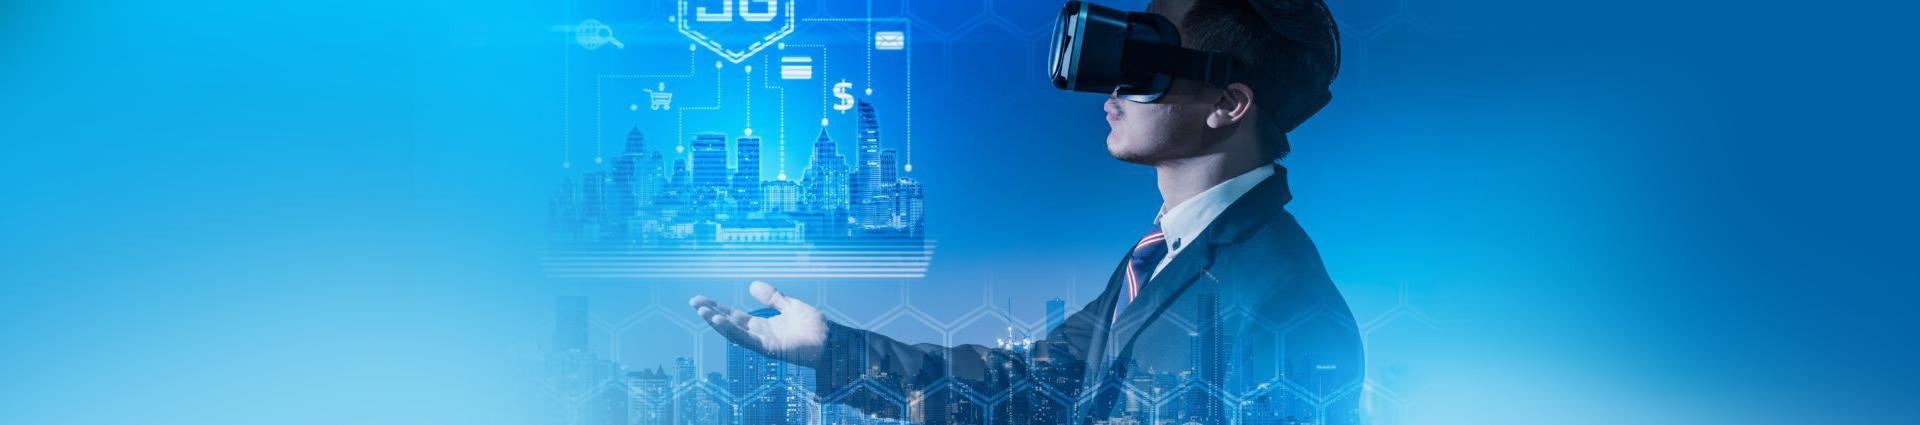 AR Gaming Future